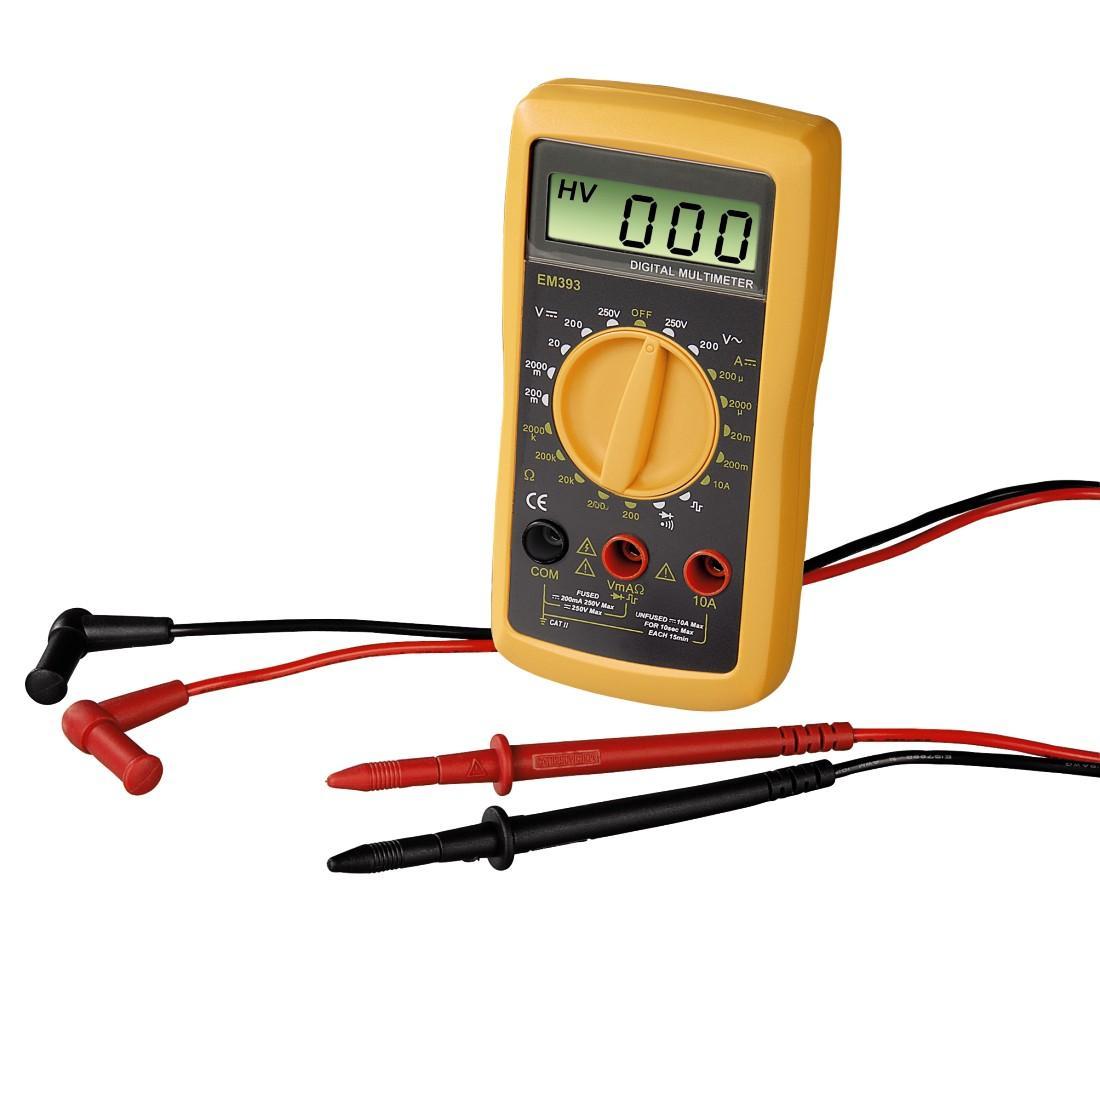 Уреди за измерване и контрол